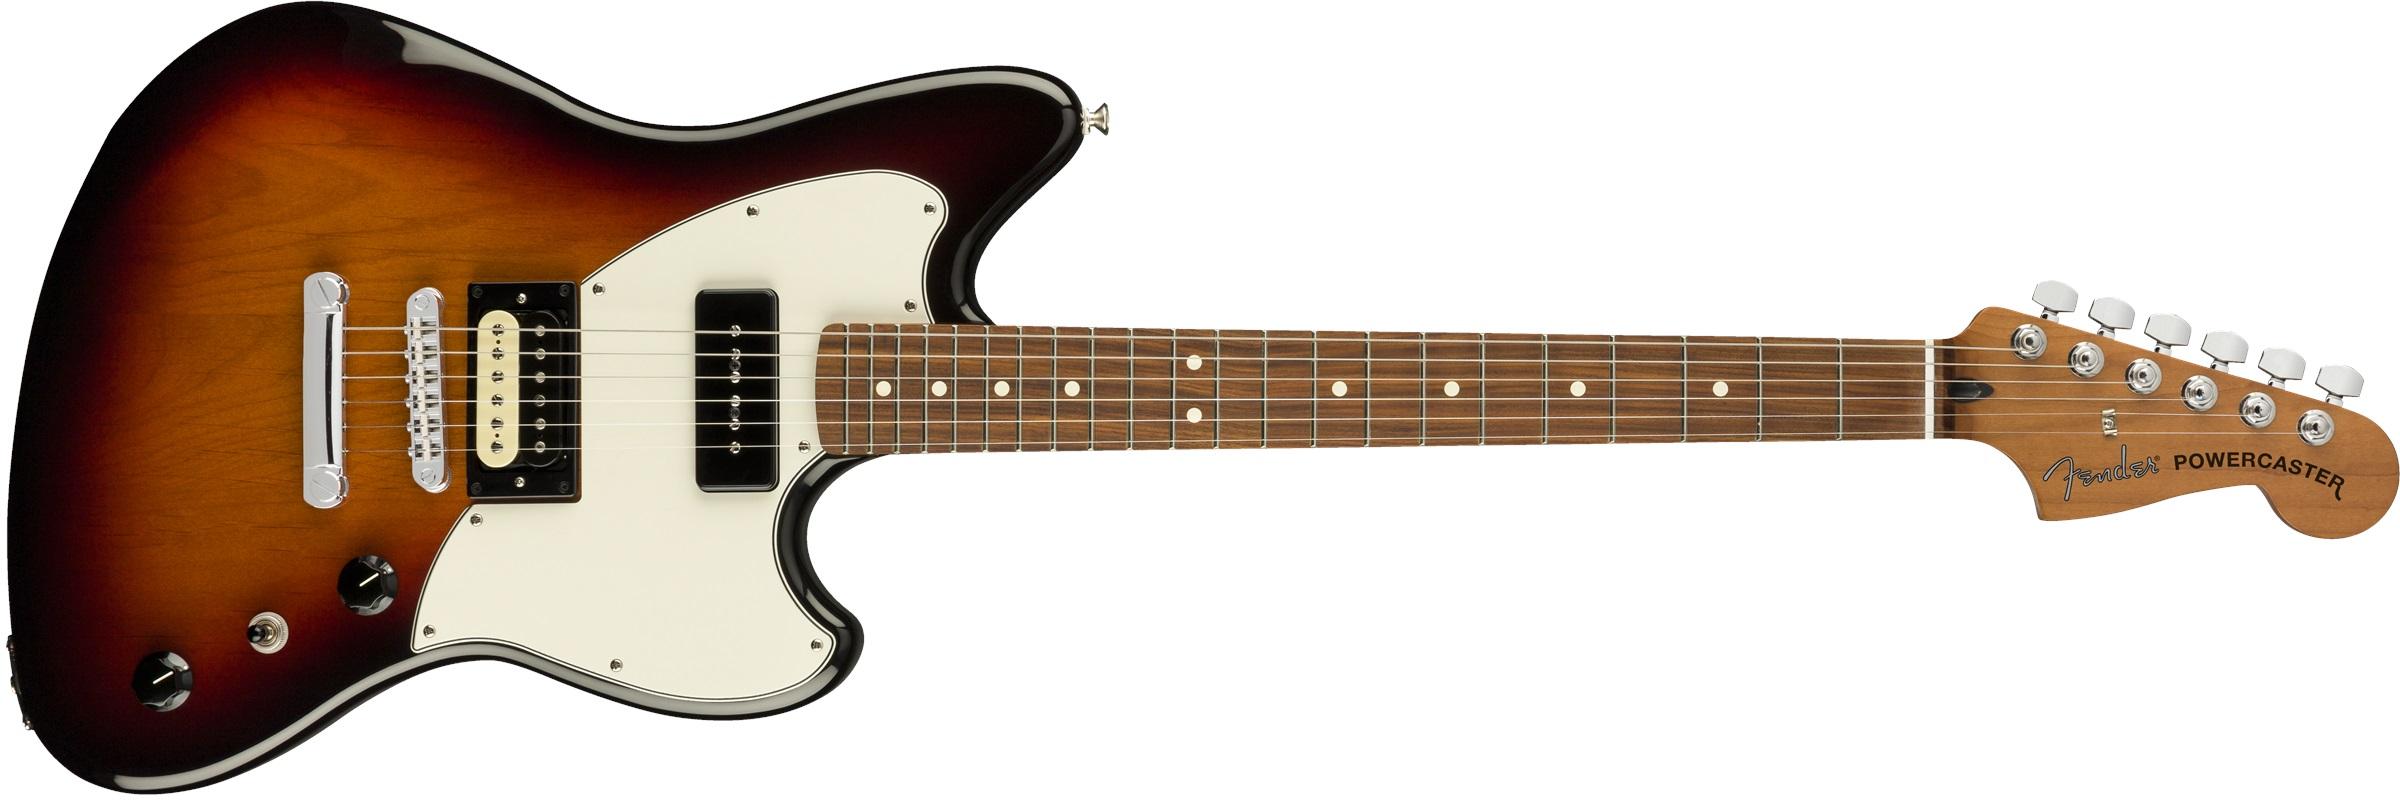 Fender PowerCaster PF 3CS